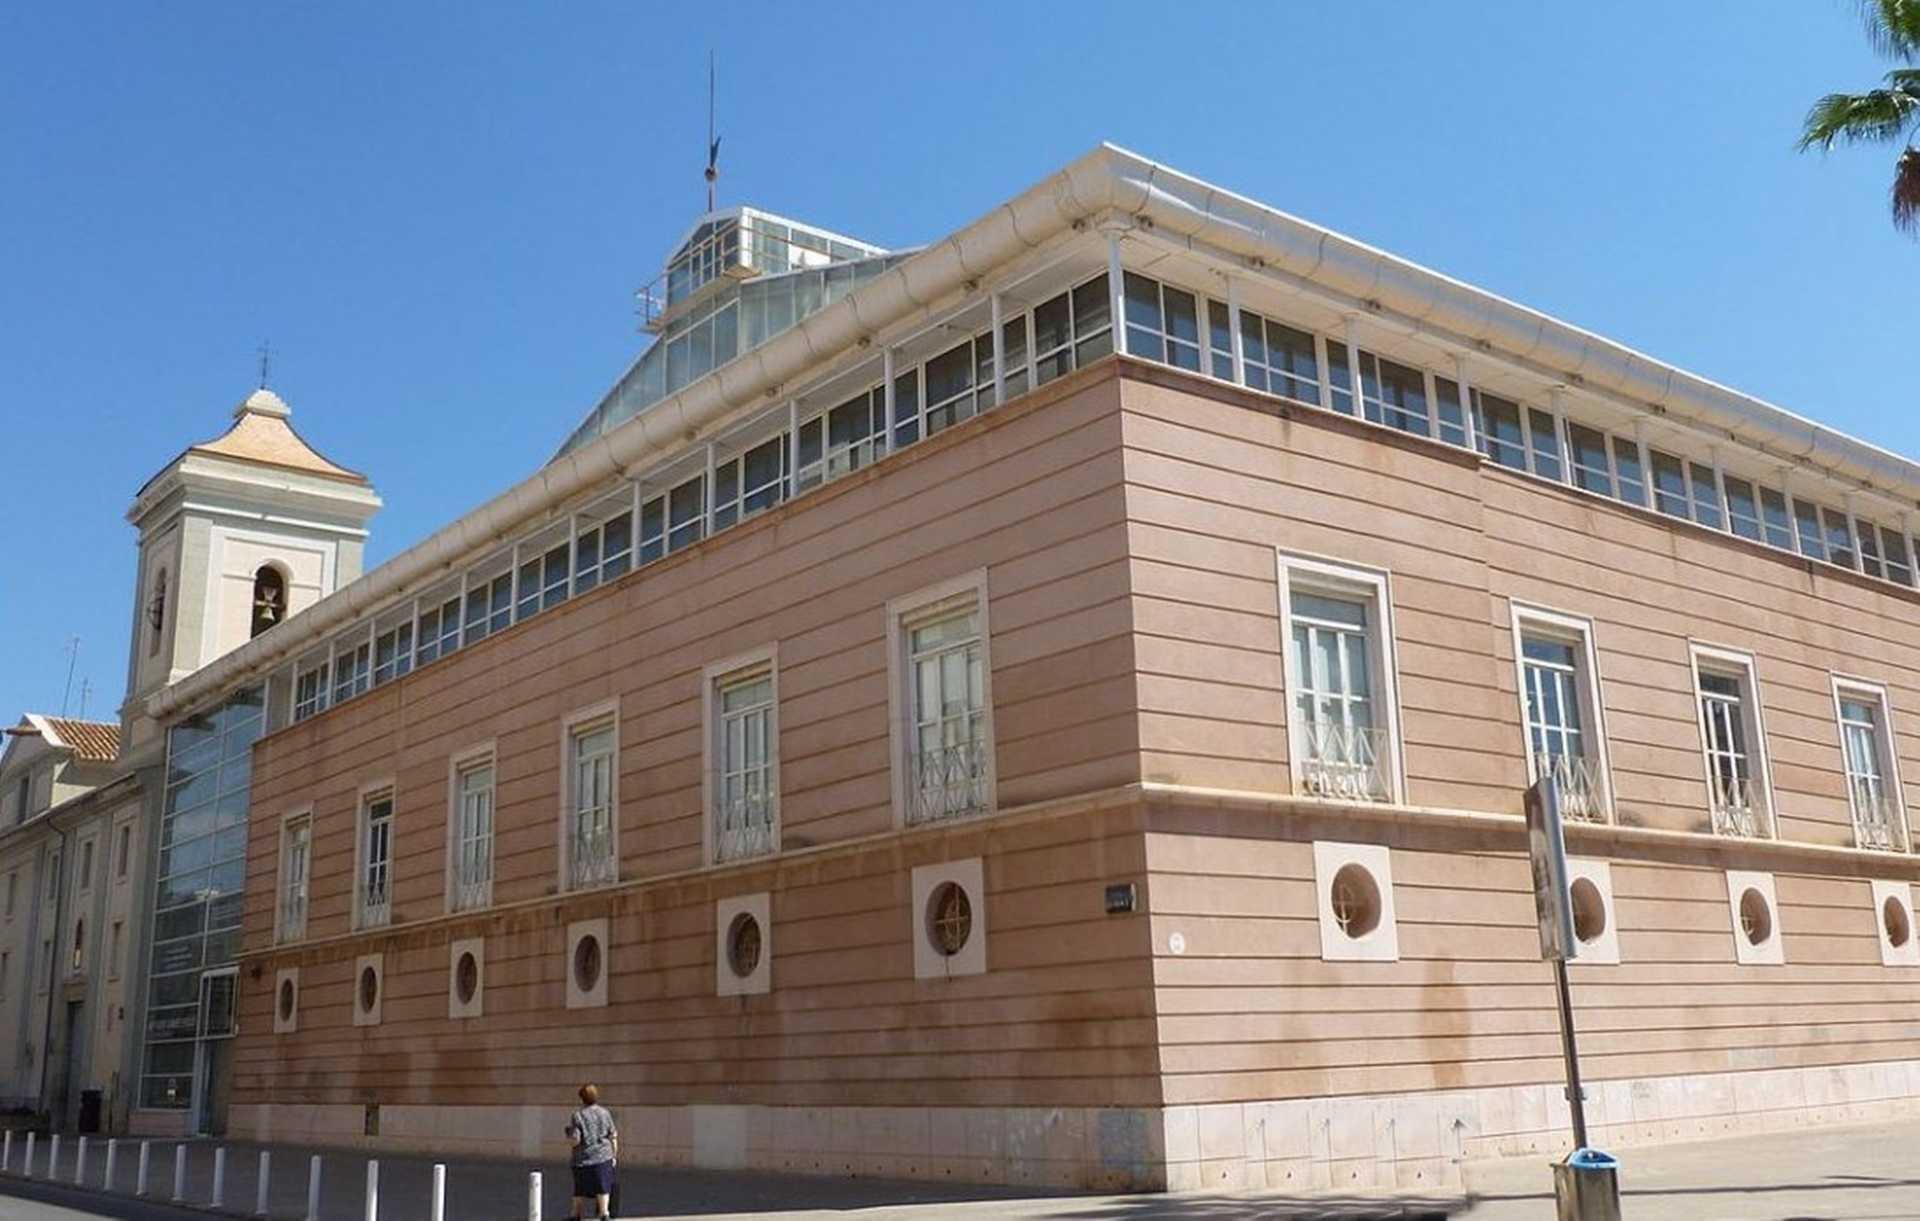 Museu Arqueològic Comarcal de la Plana Baixa-Burriana